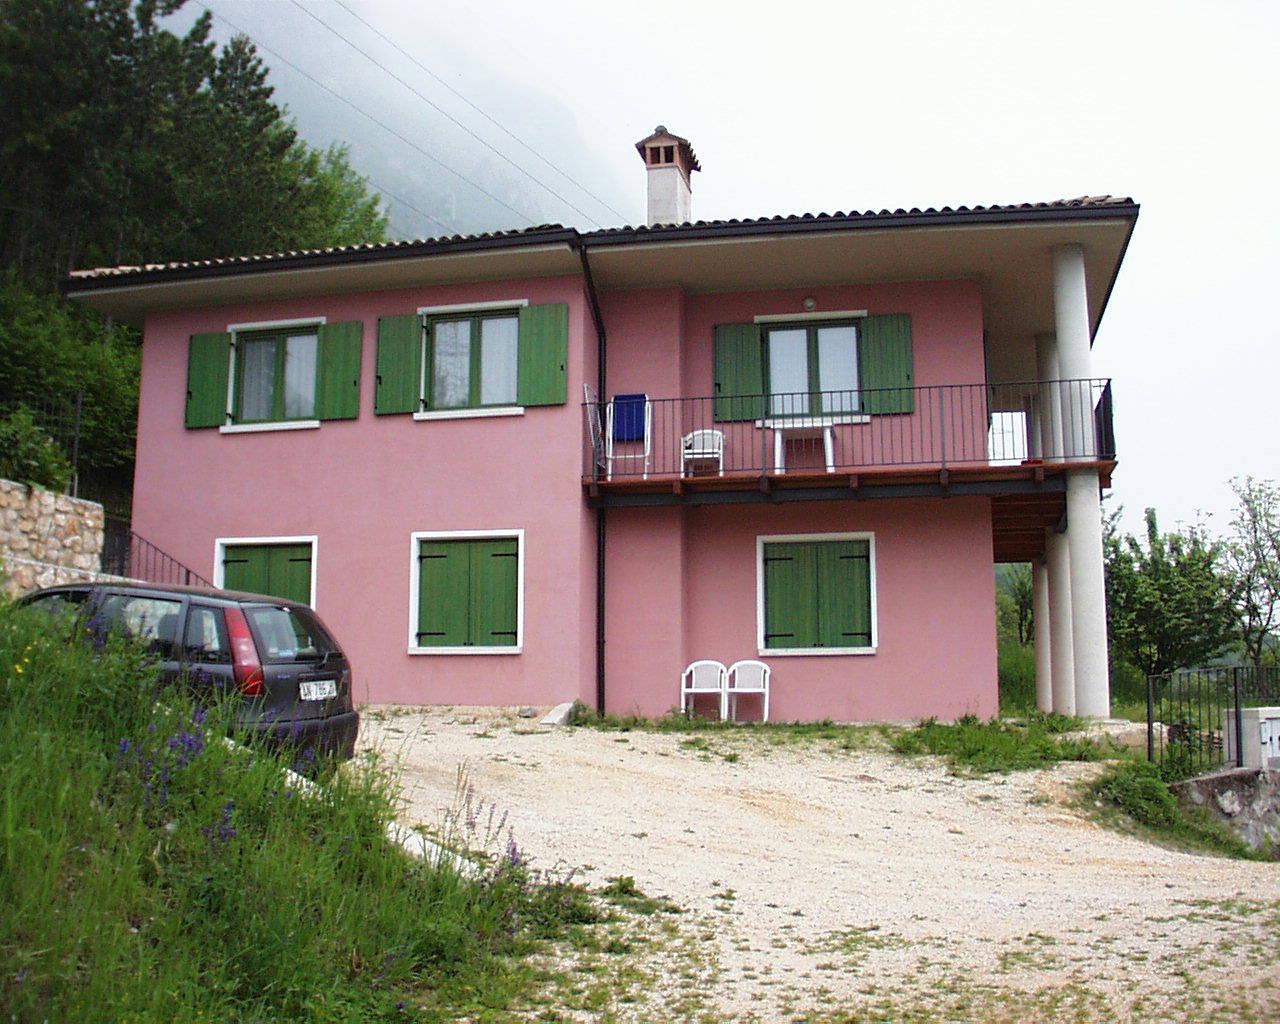 Casa Marcella vista dall'esterno - Lago di Idro - Hotel Alpino